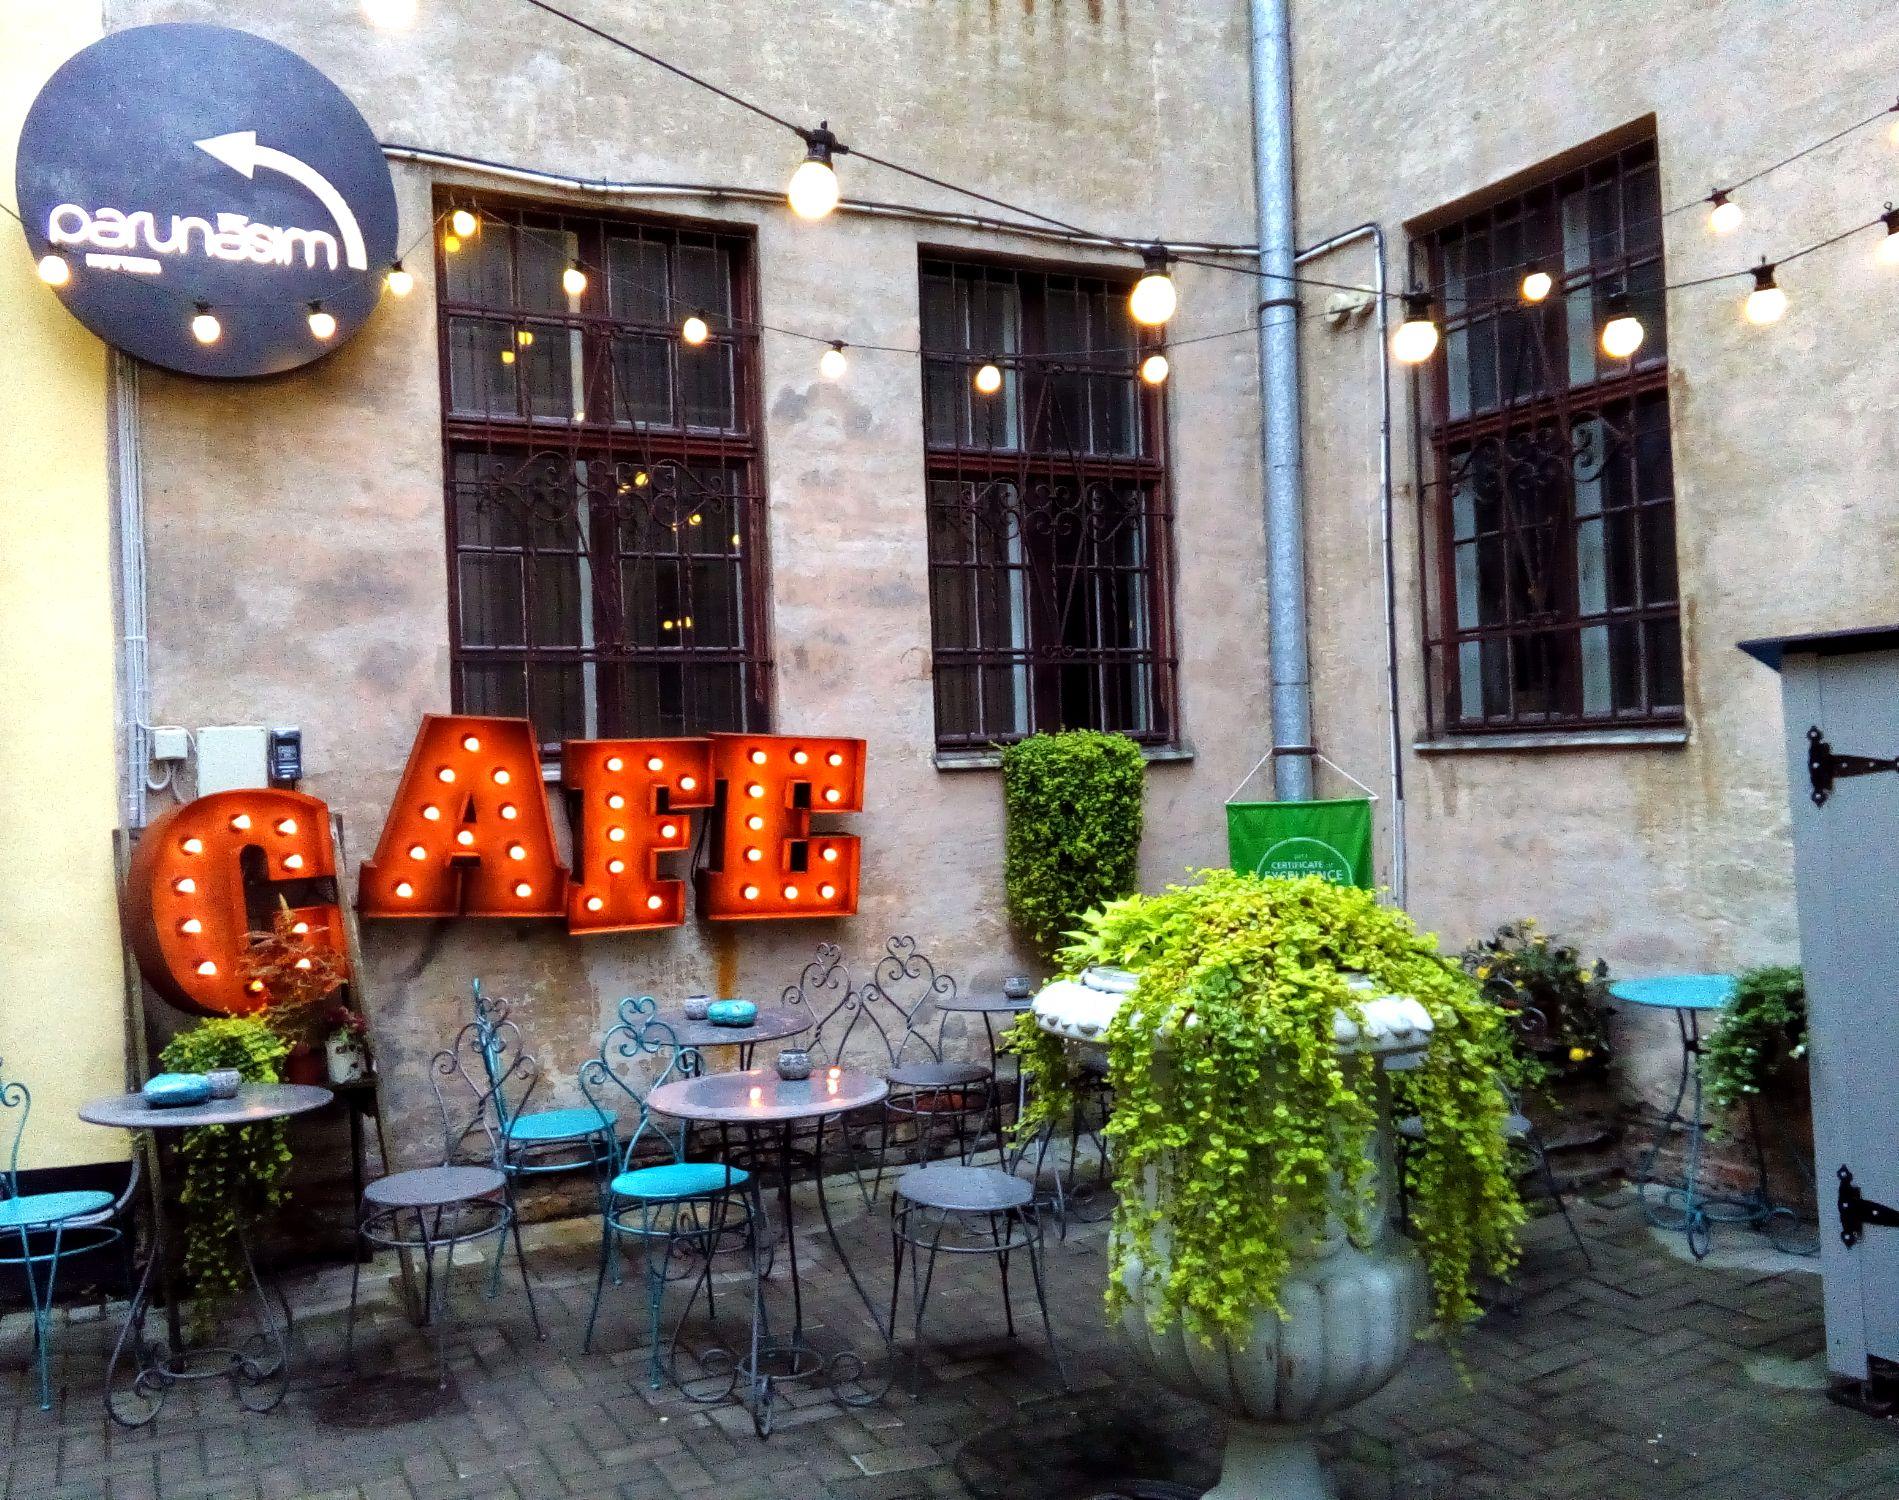 The cutest café!